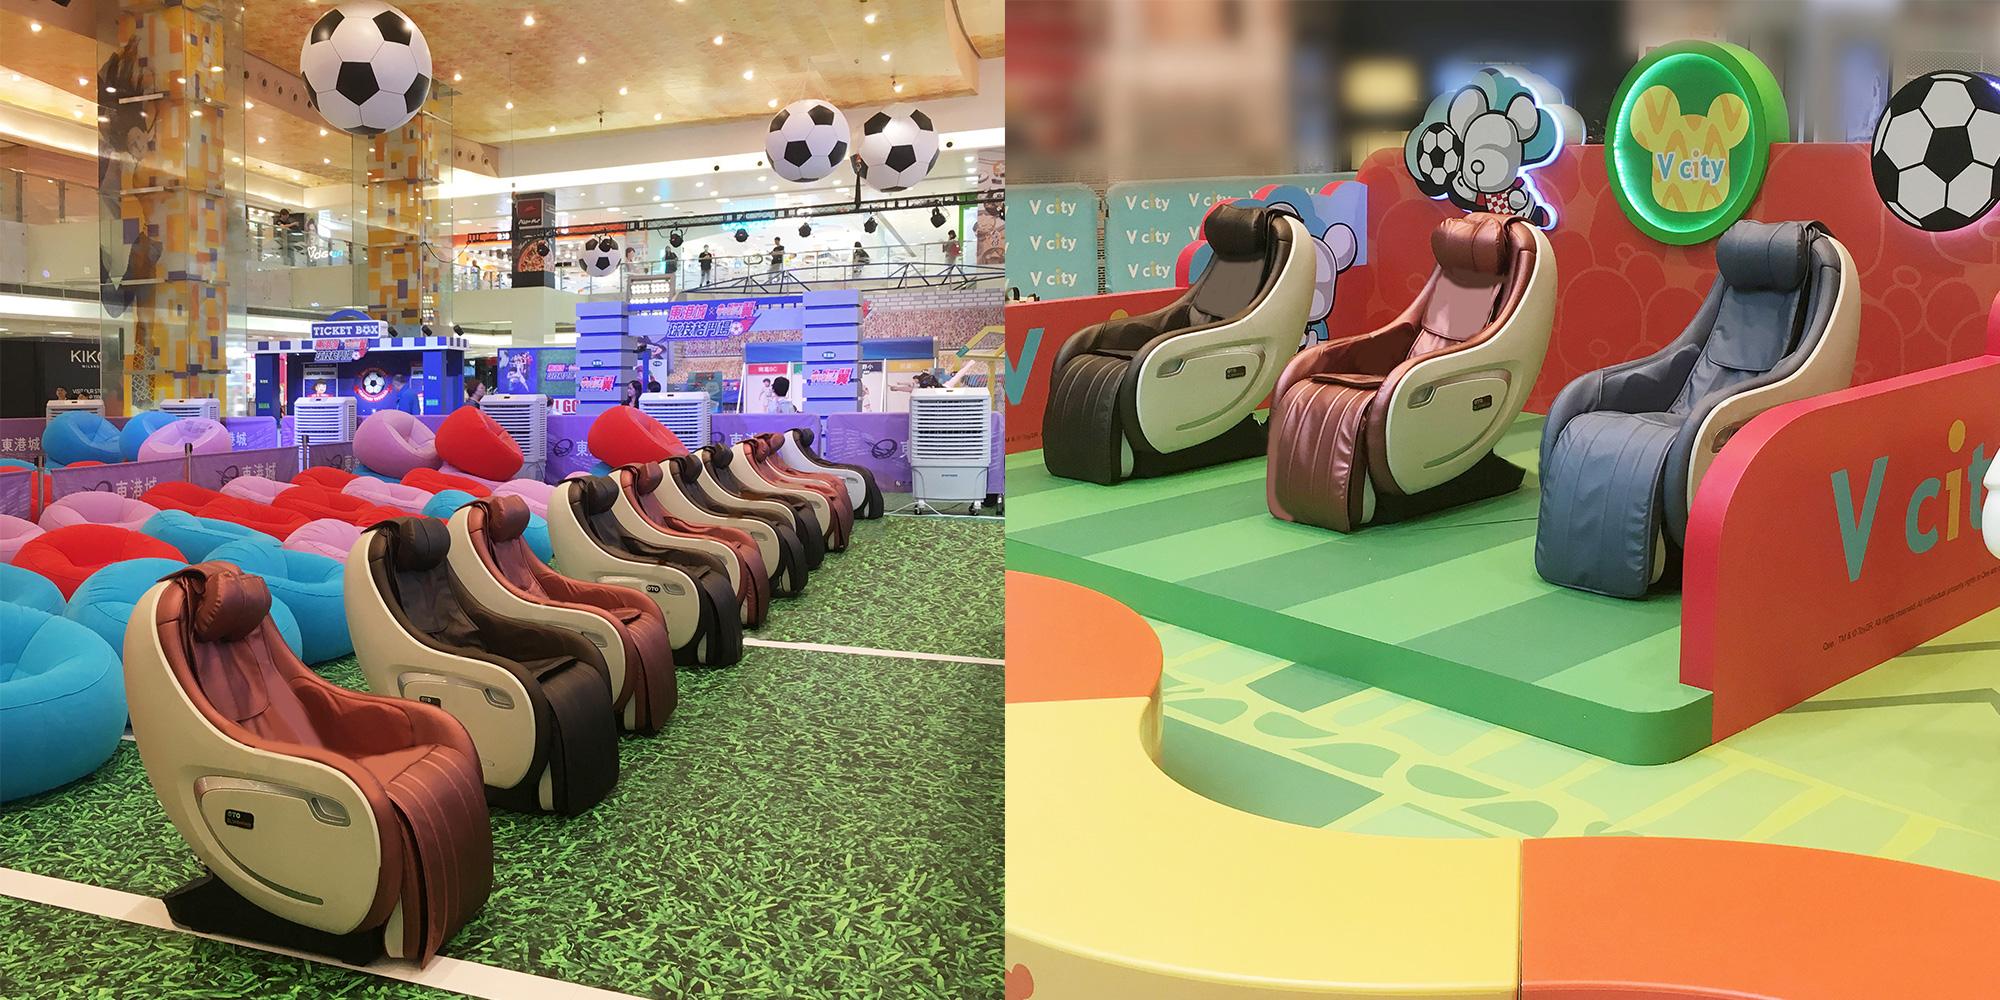 OTO x 東港城及V City 2018 世界盃活動